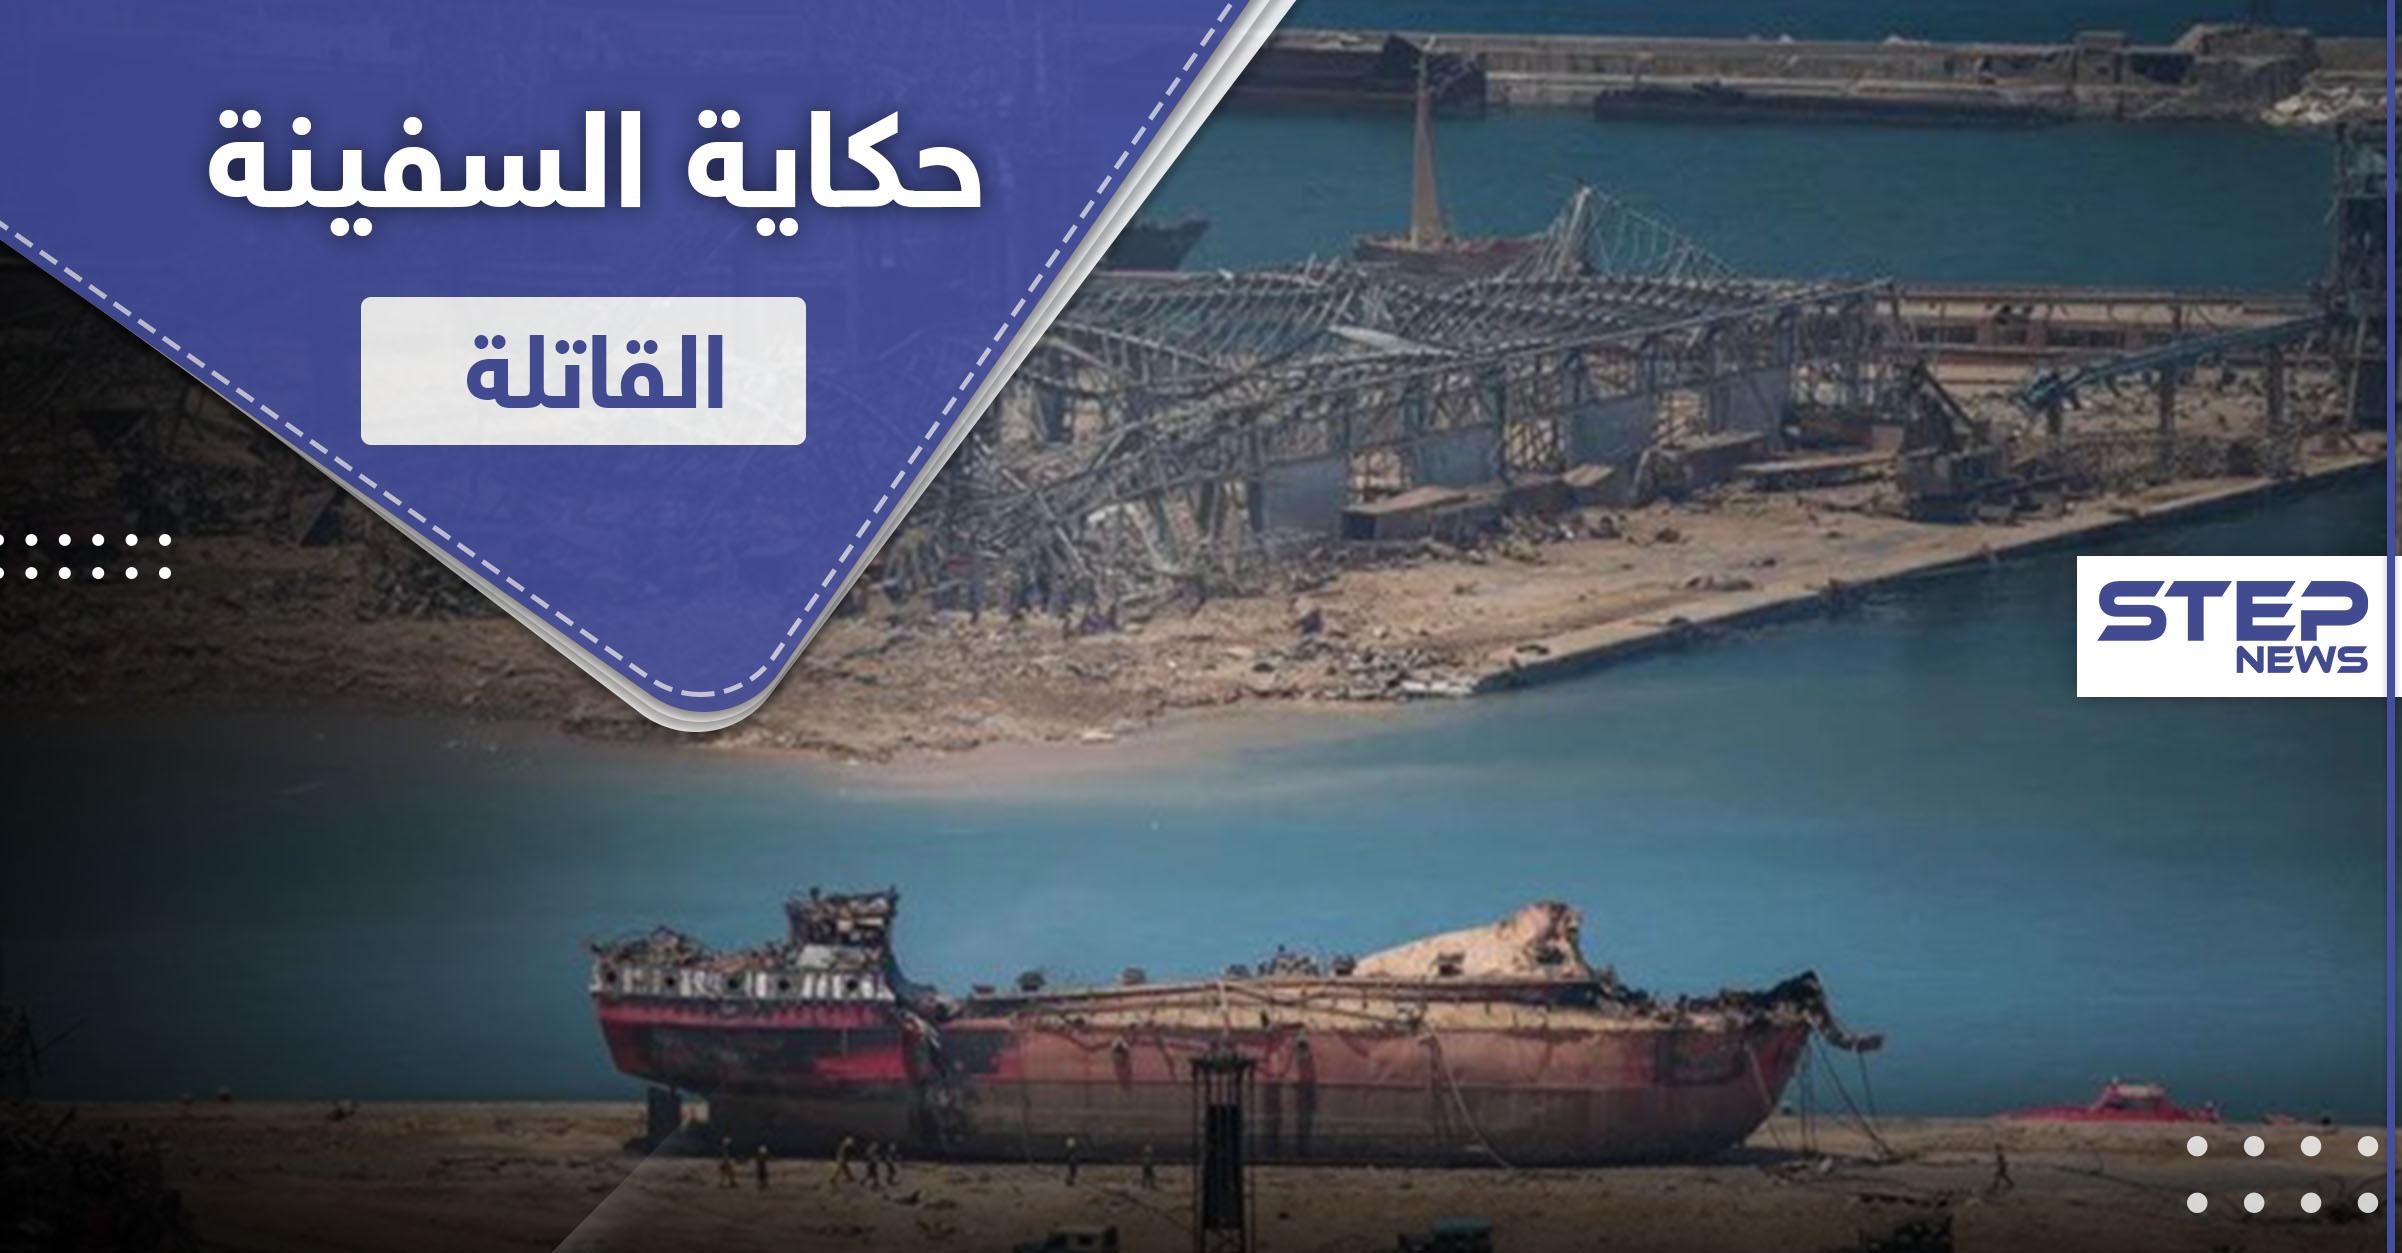 صحيفة أمريكية.. تكشف حكاية السفينة القاتلة التي سببت انفجار بيروت